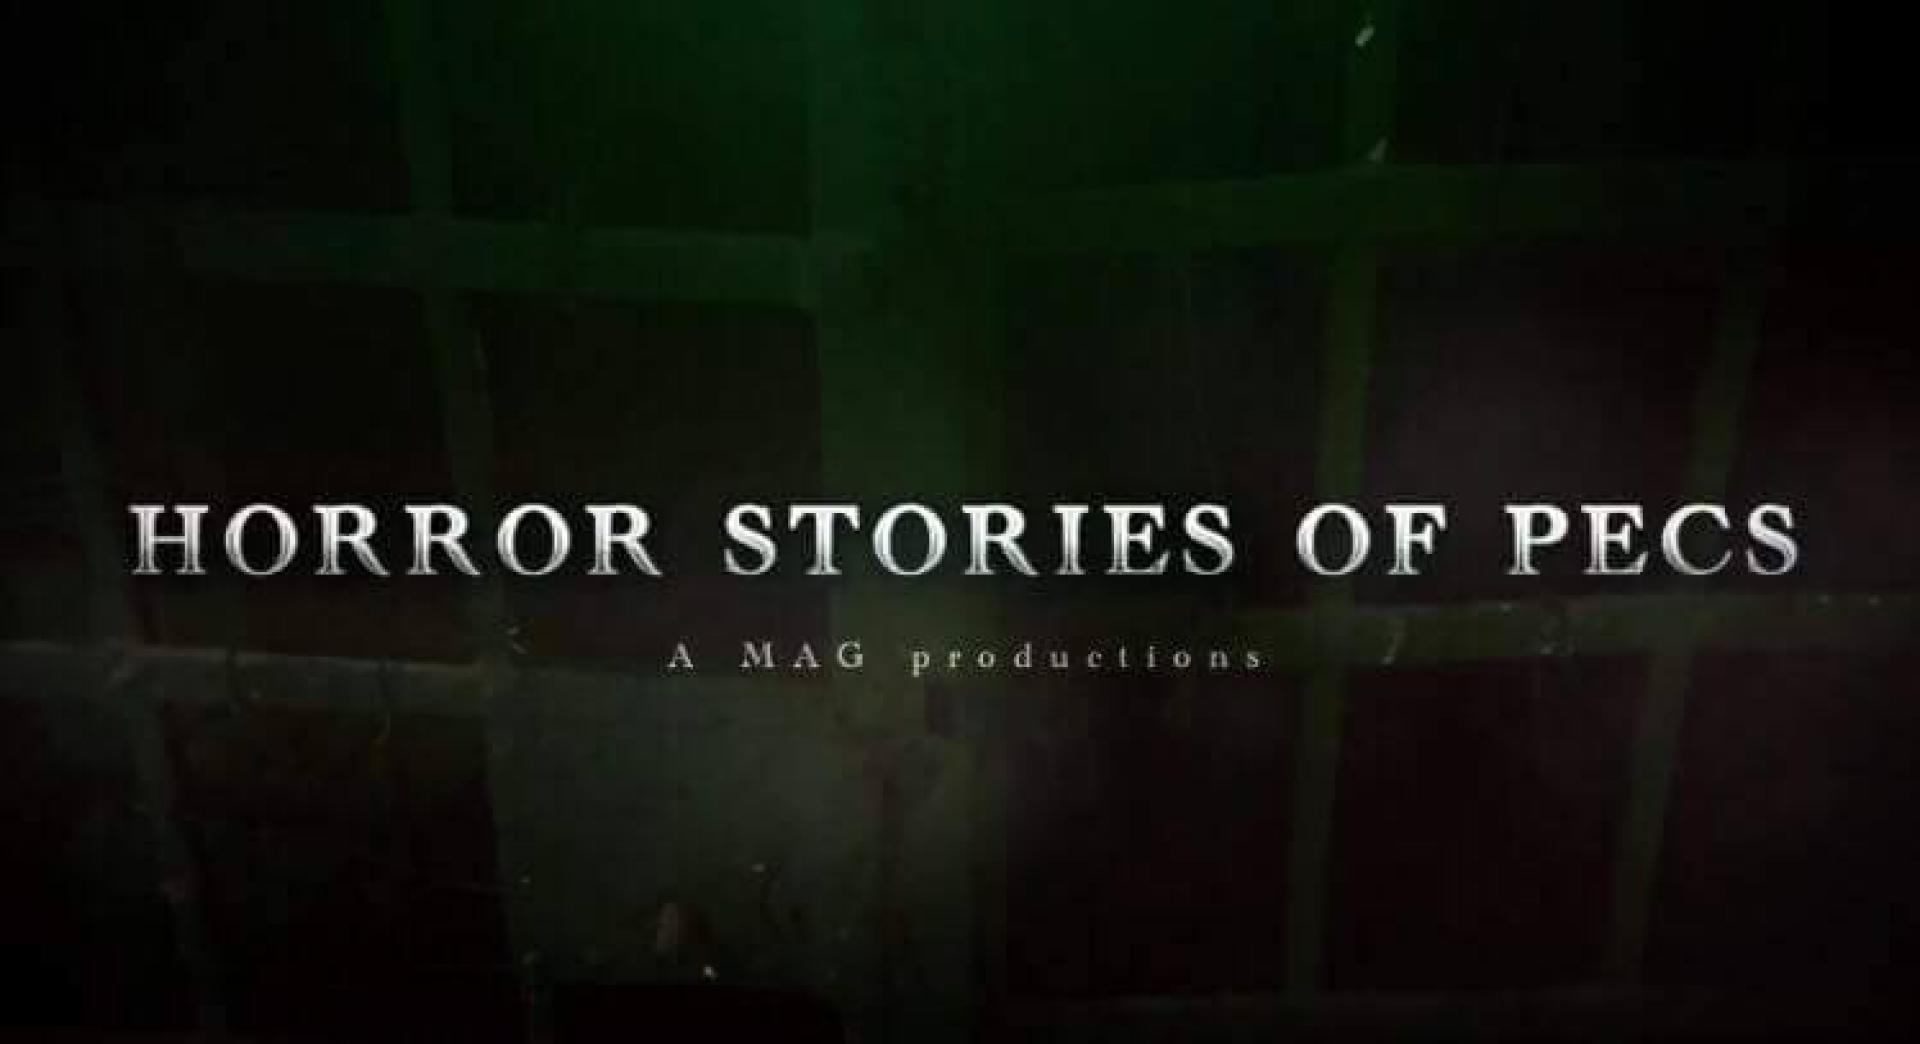 Interjú a Horror Stories of Pécs egyik alkotójával, Németh Józseffel